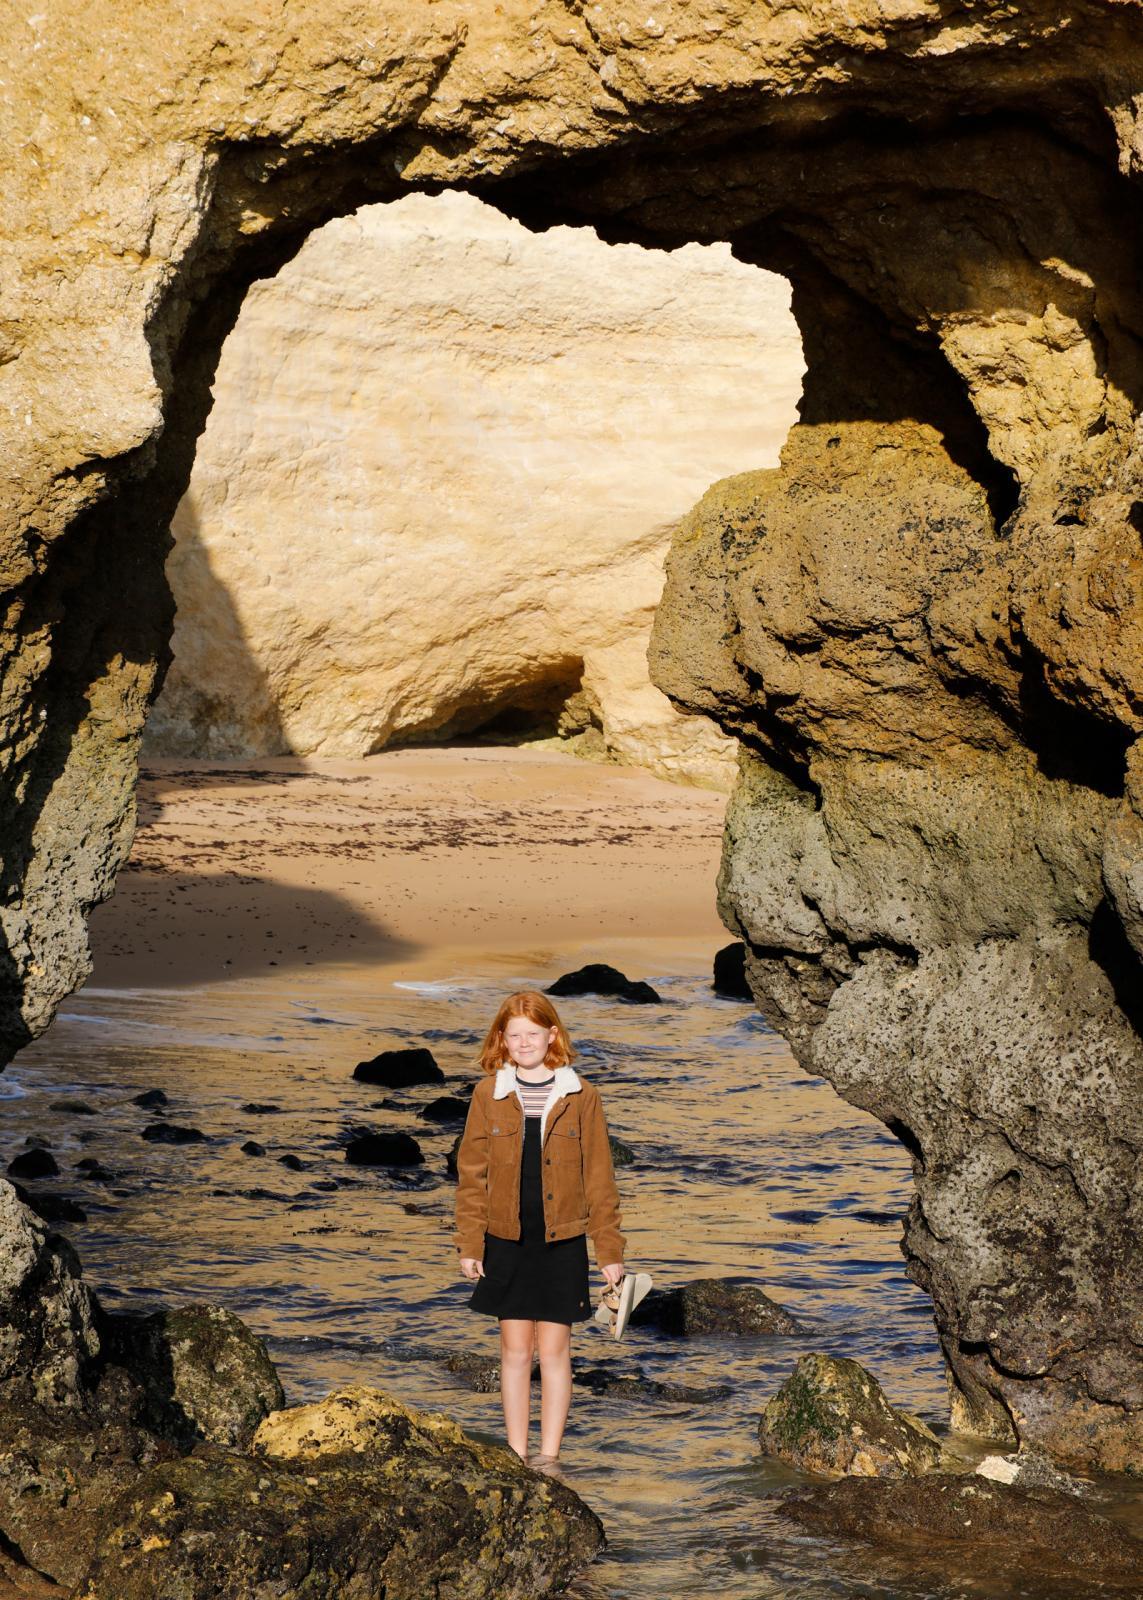 Algarvekustens läckra sandstensformationer ger mersmak.